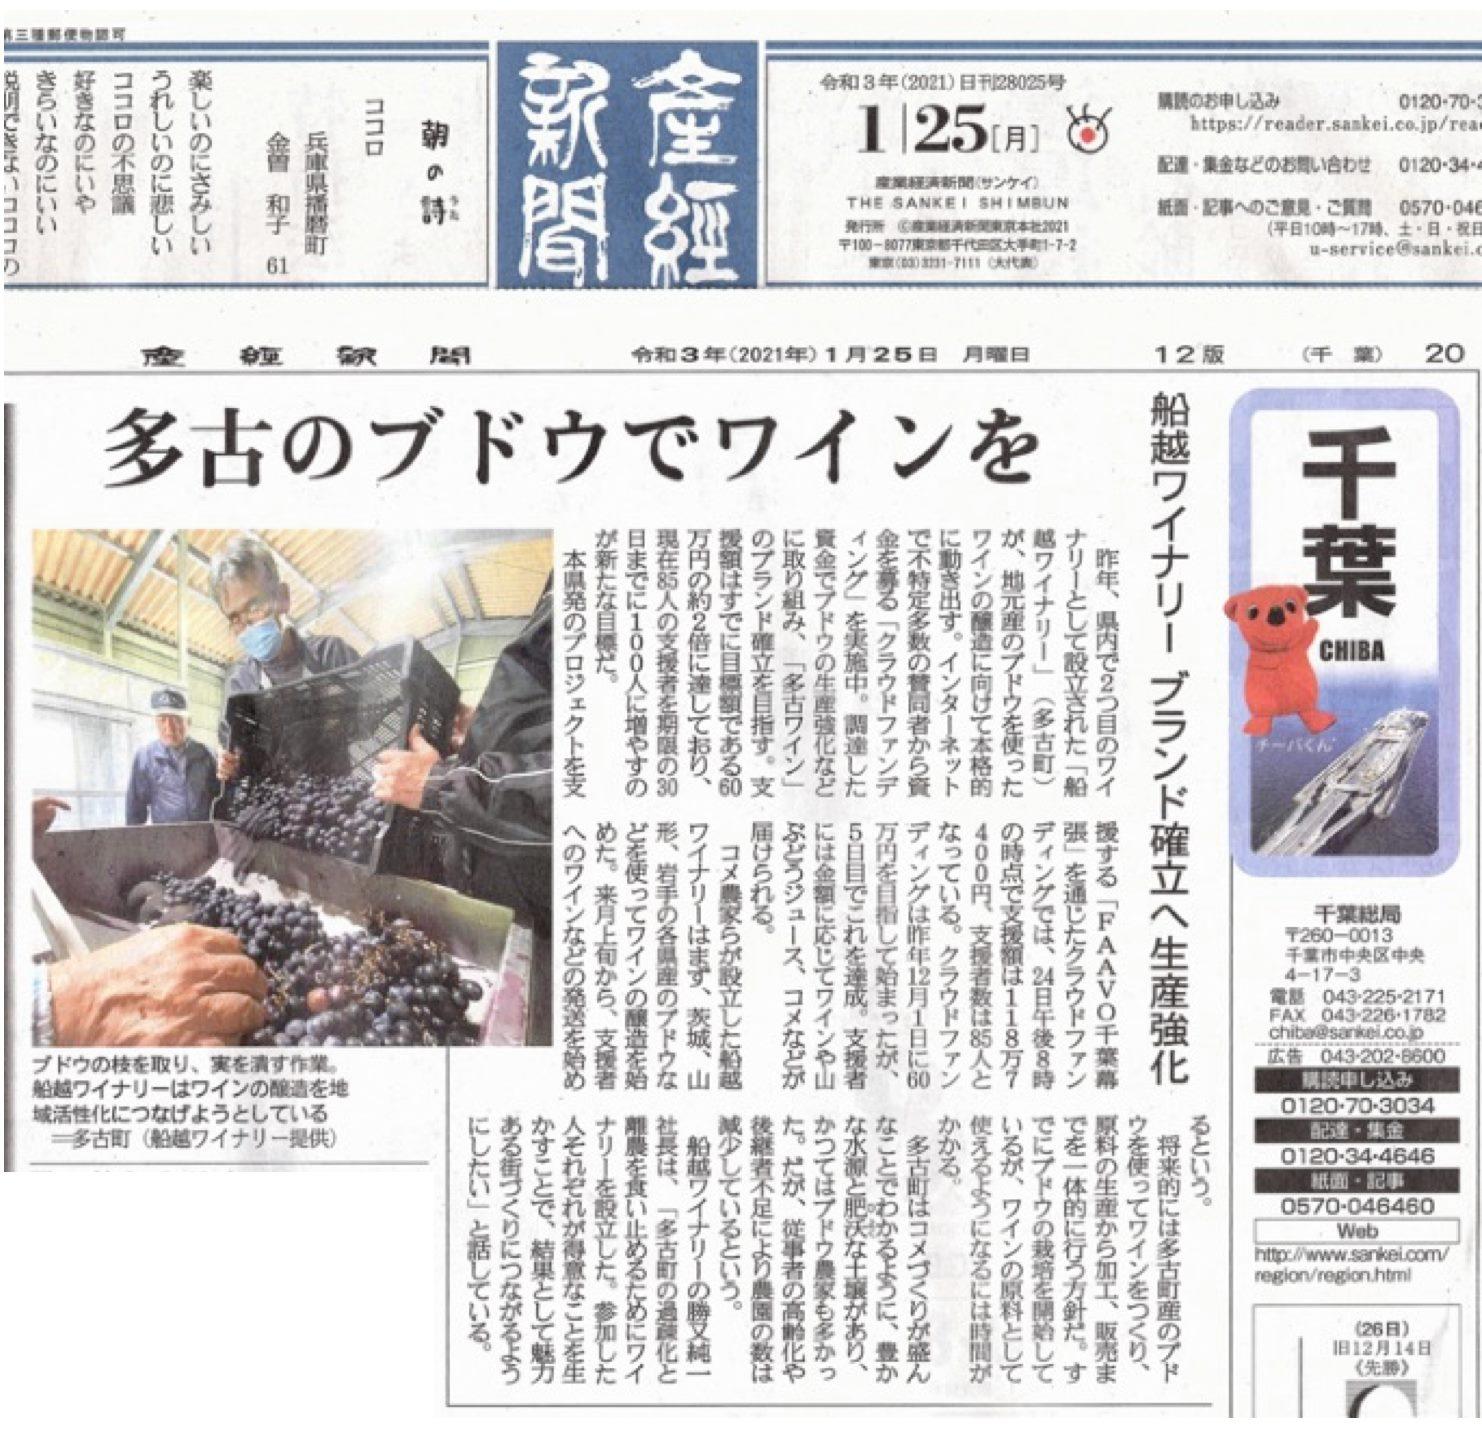 船越ワイナリー🍷産経新聞掲載情報